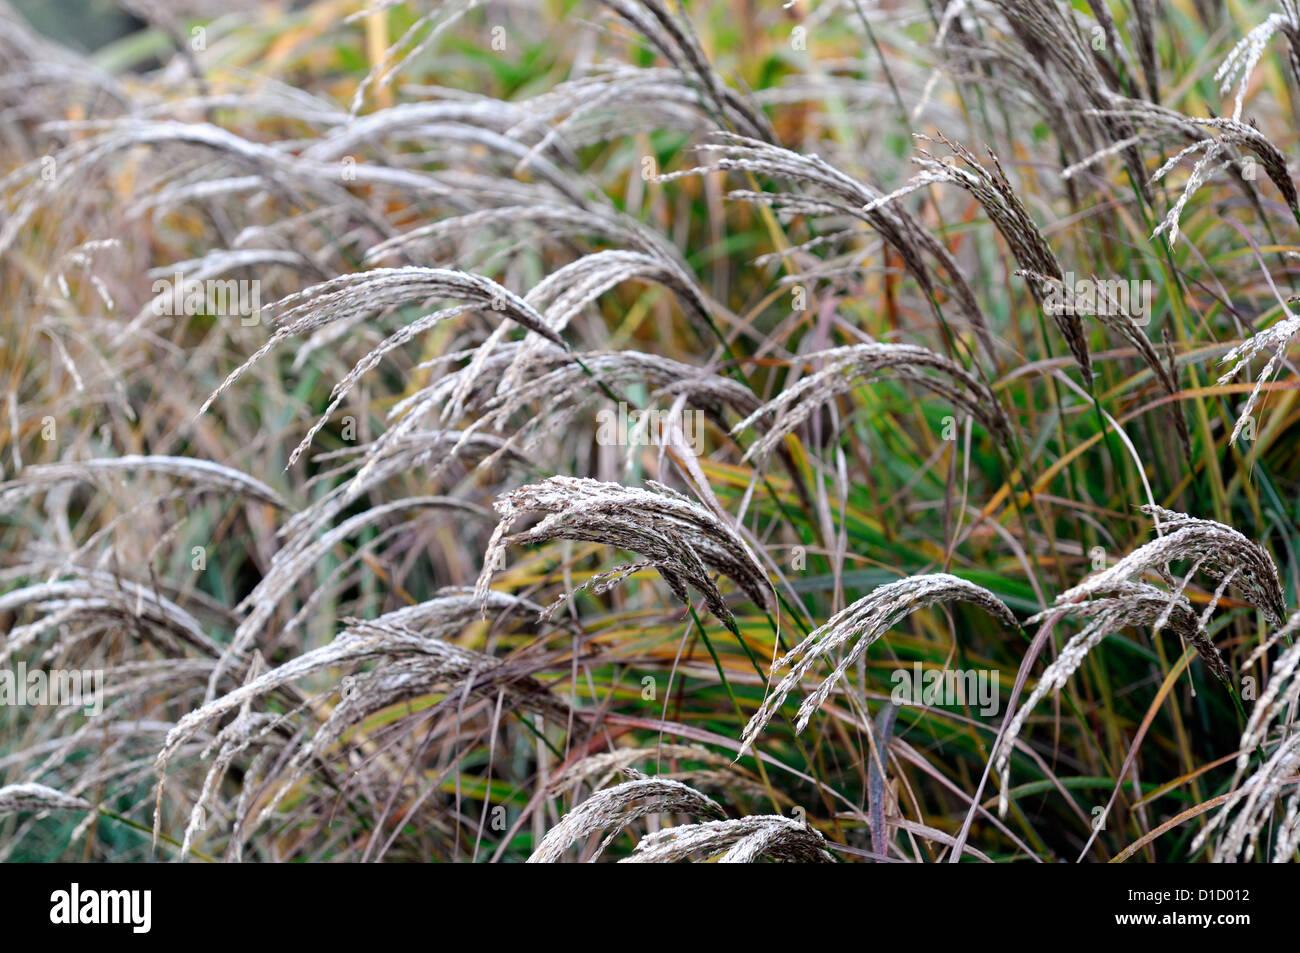 Immergrüne Gräser carex buchananii roter hahn braun zier gräser laub blätter